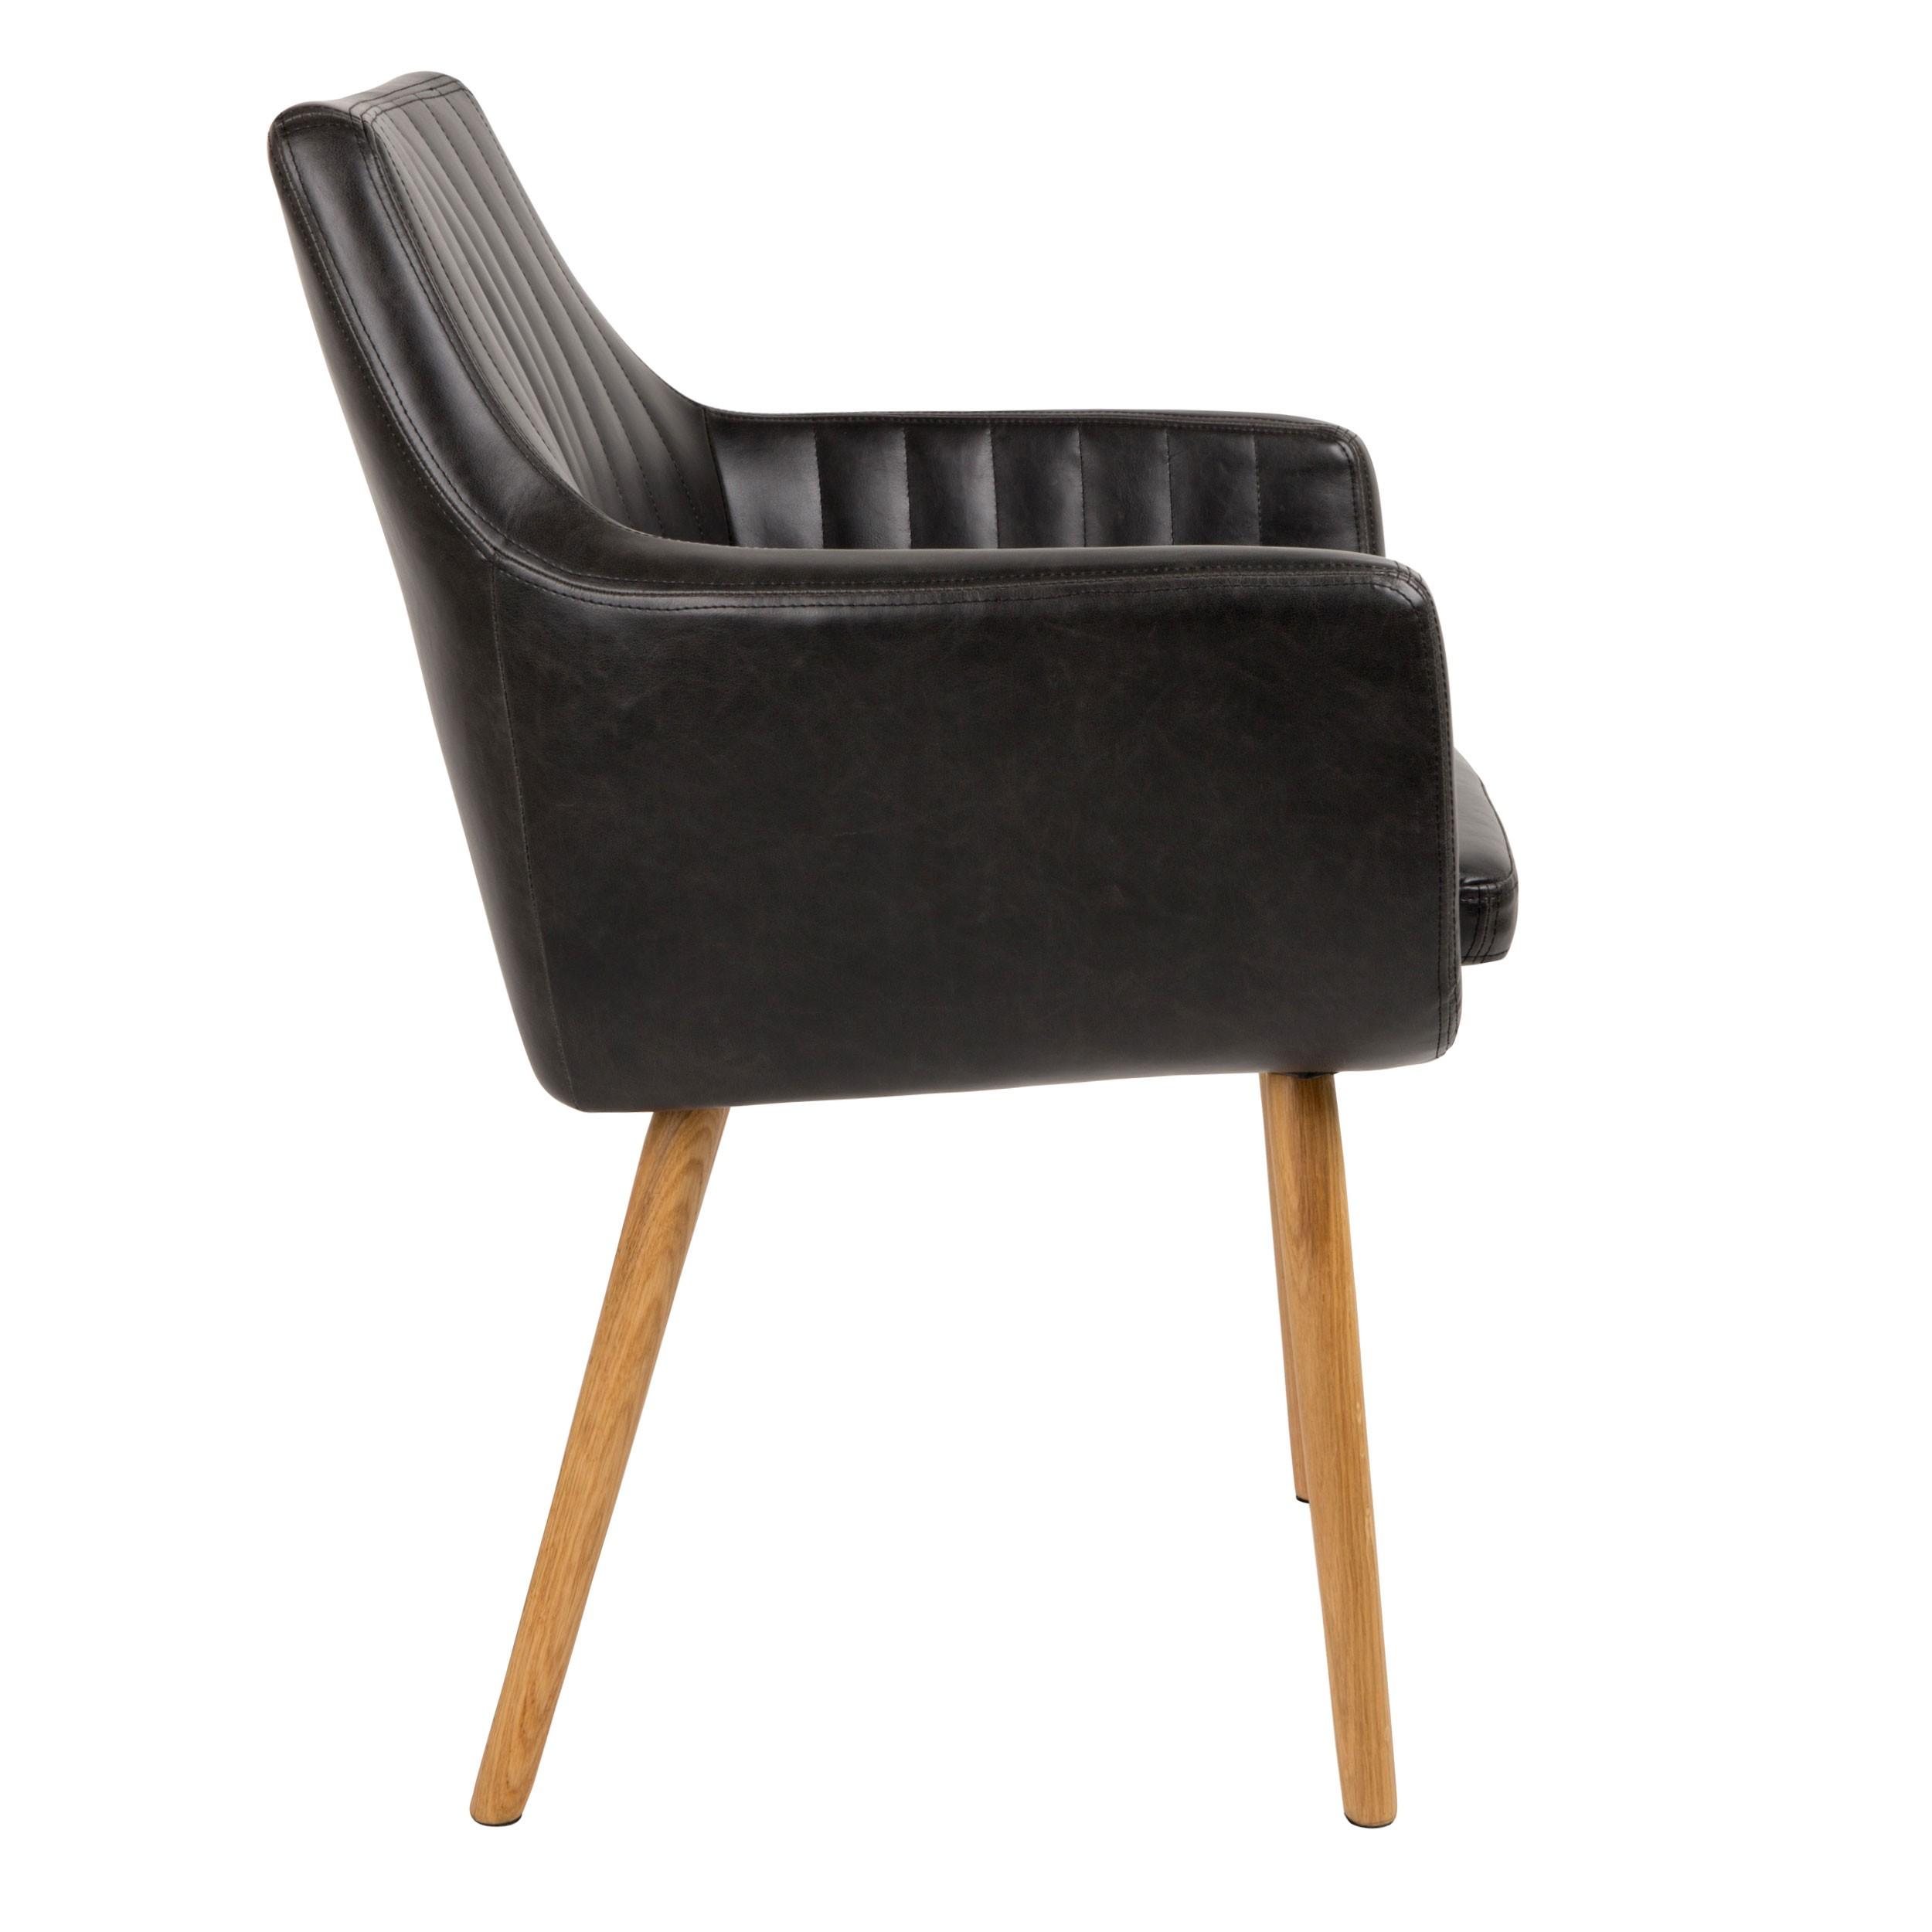 acheter chaise cuir noir previous - Chaise Cuir Noir